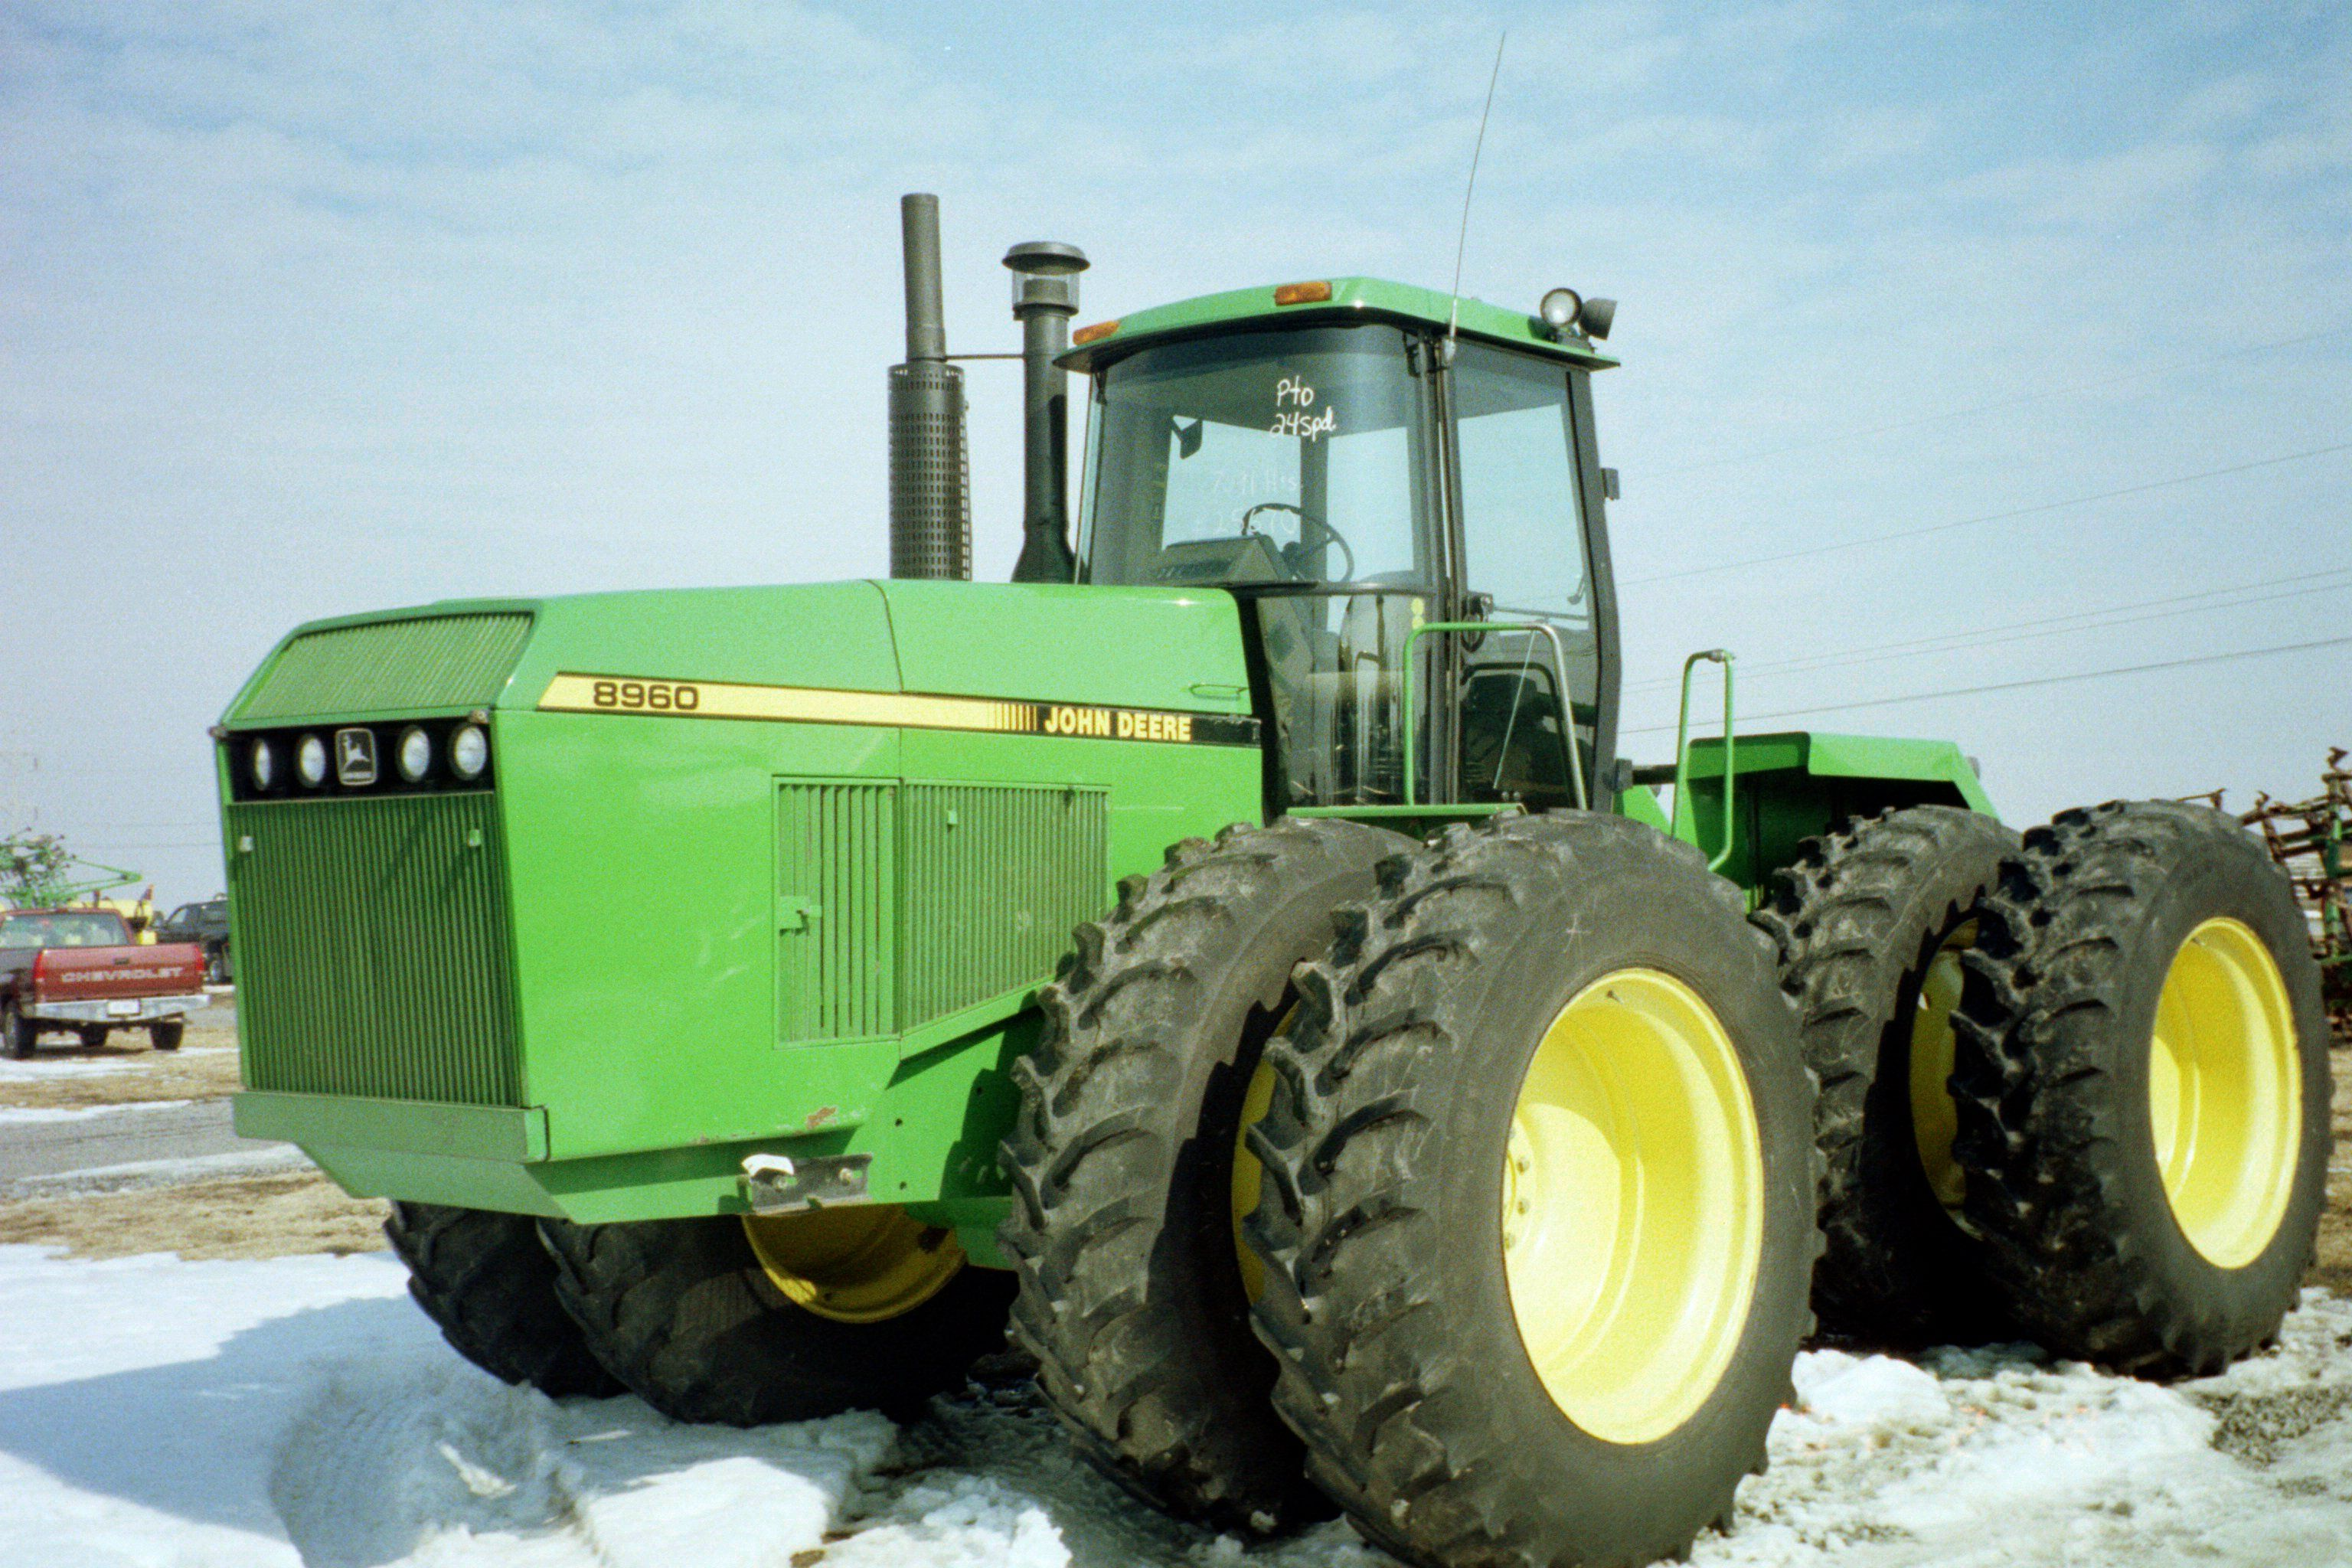 John Deere 8960 tractor test vs 9370R tractor test 8960 333